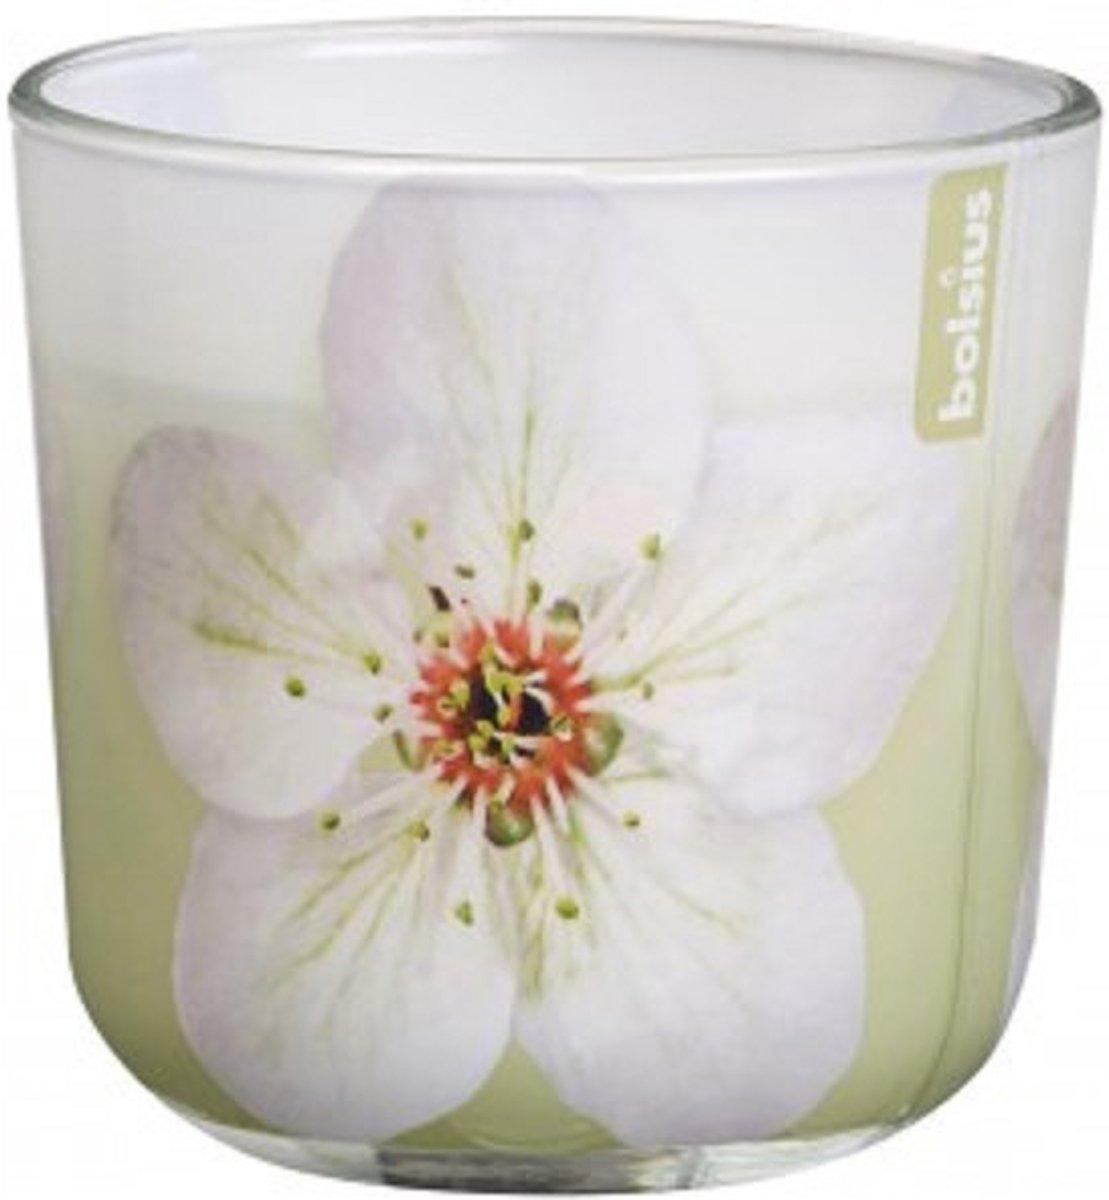 Bolsius Geurglas 76/78 Sweet Flowers Gb kopen